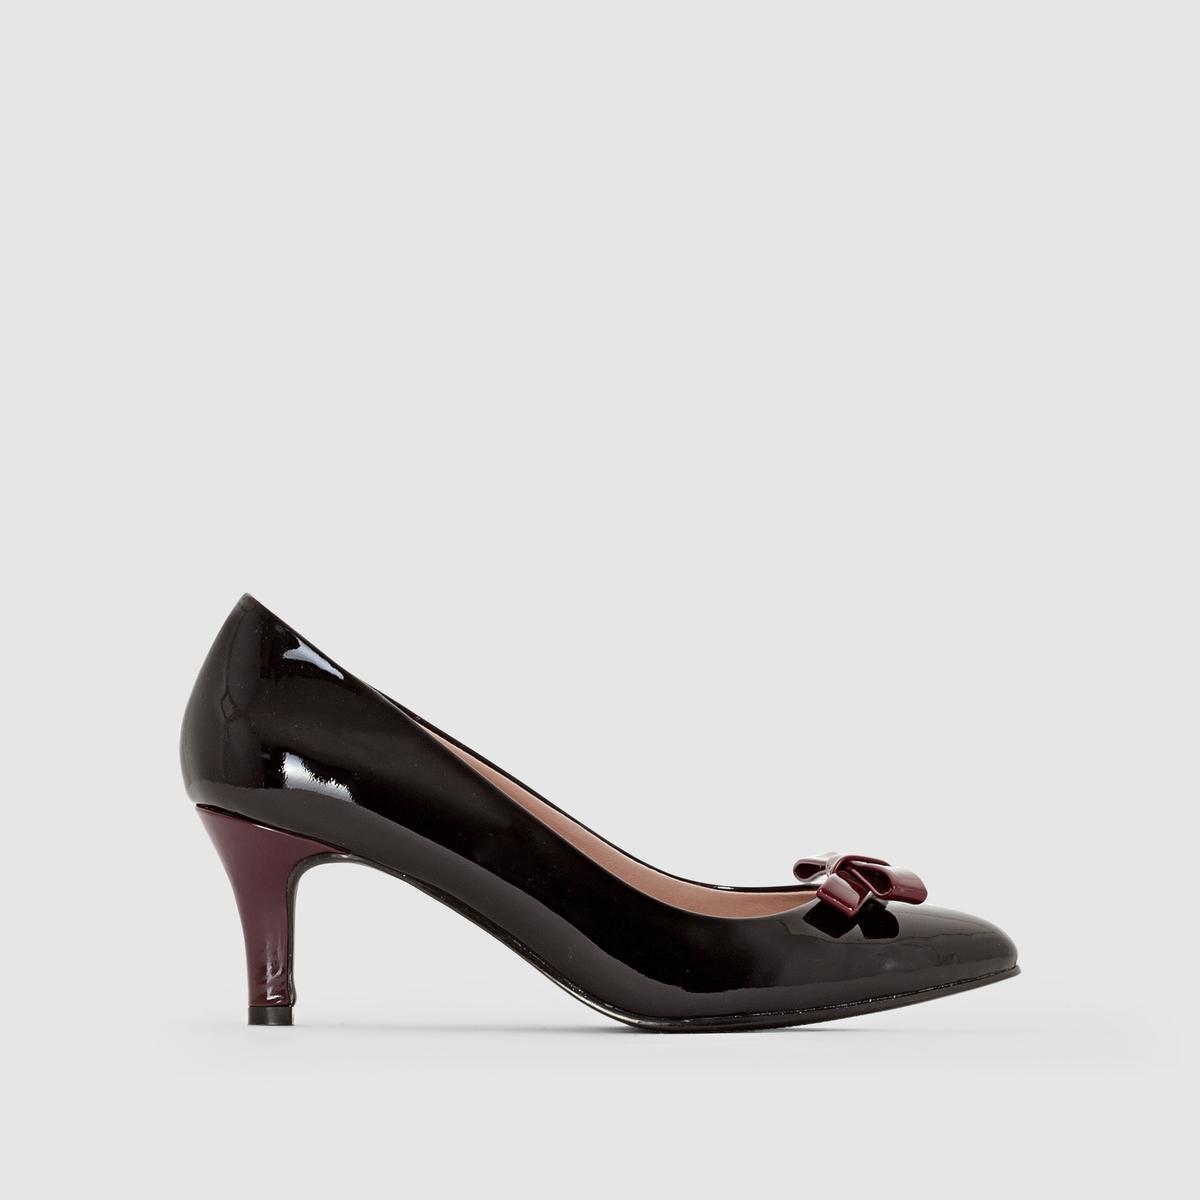 Туфли лакированные, маленький оригинальный бантикТуфли Anne Weyburn, маленький оригинальный бантик контрастного бордового цвета вверху. Каблук контрастного бордового цвета.Верх : лакированная кожаПодкладка : кожа Стелька : кожа Подошва : из эластомераВысота каблука : 6 см<br><br>Цвет: черный<br>Размер: 39